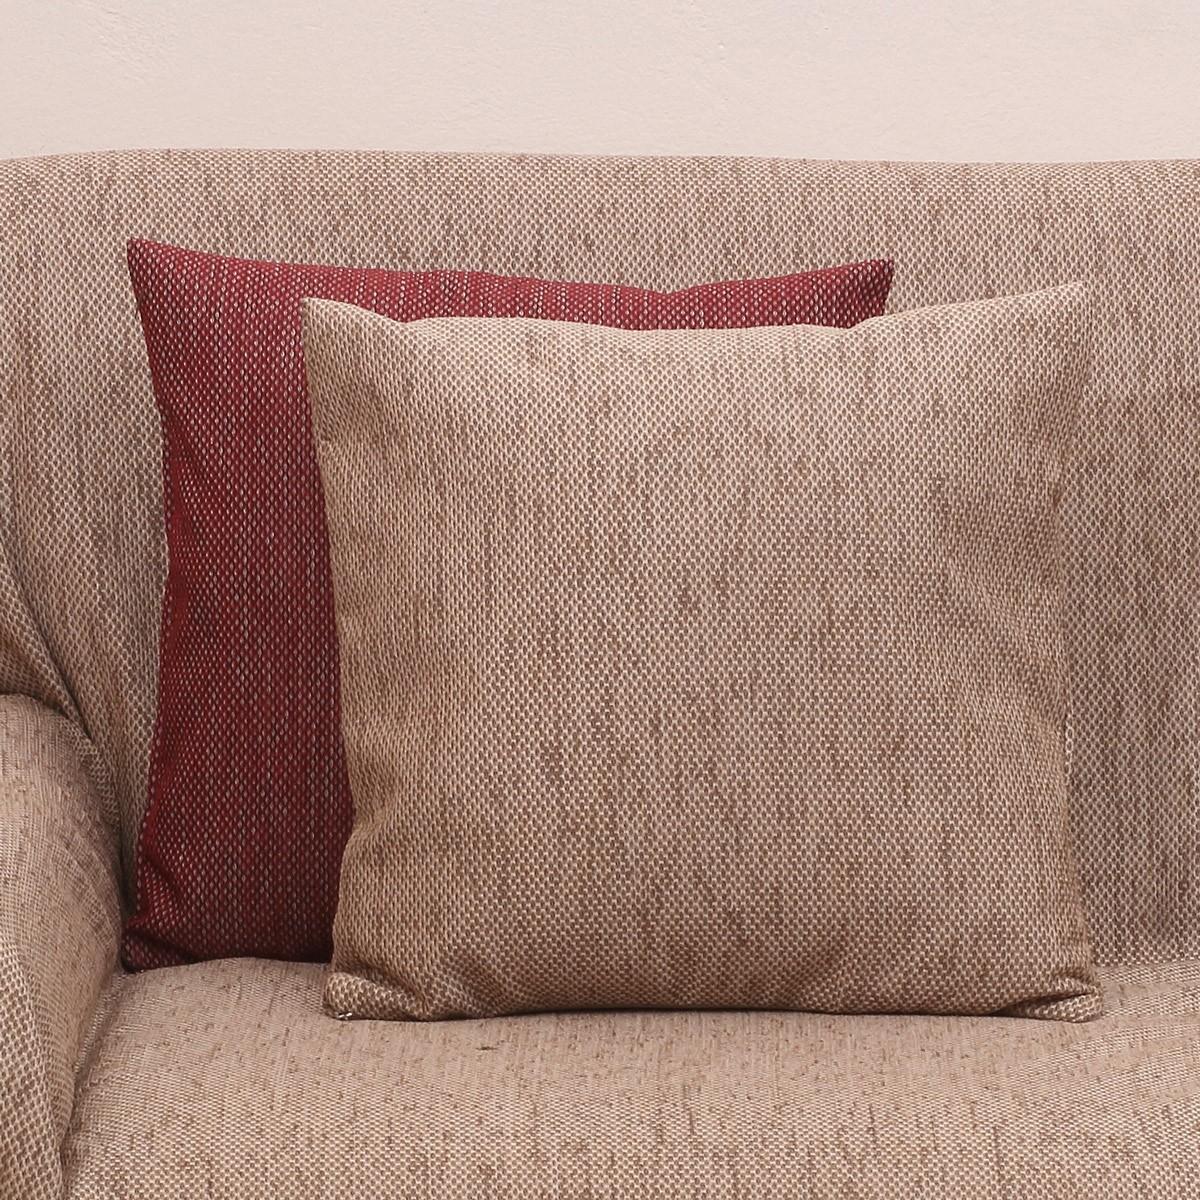 Διακοσμητικό Μαξιλάρι (42×42) Viopros 2100 Μπεζ